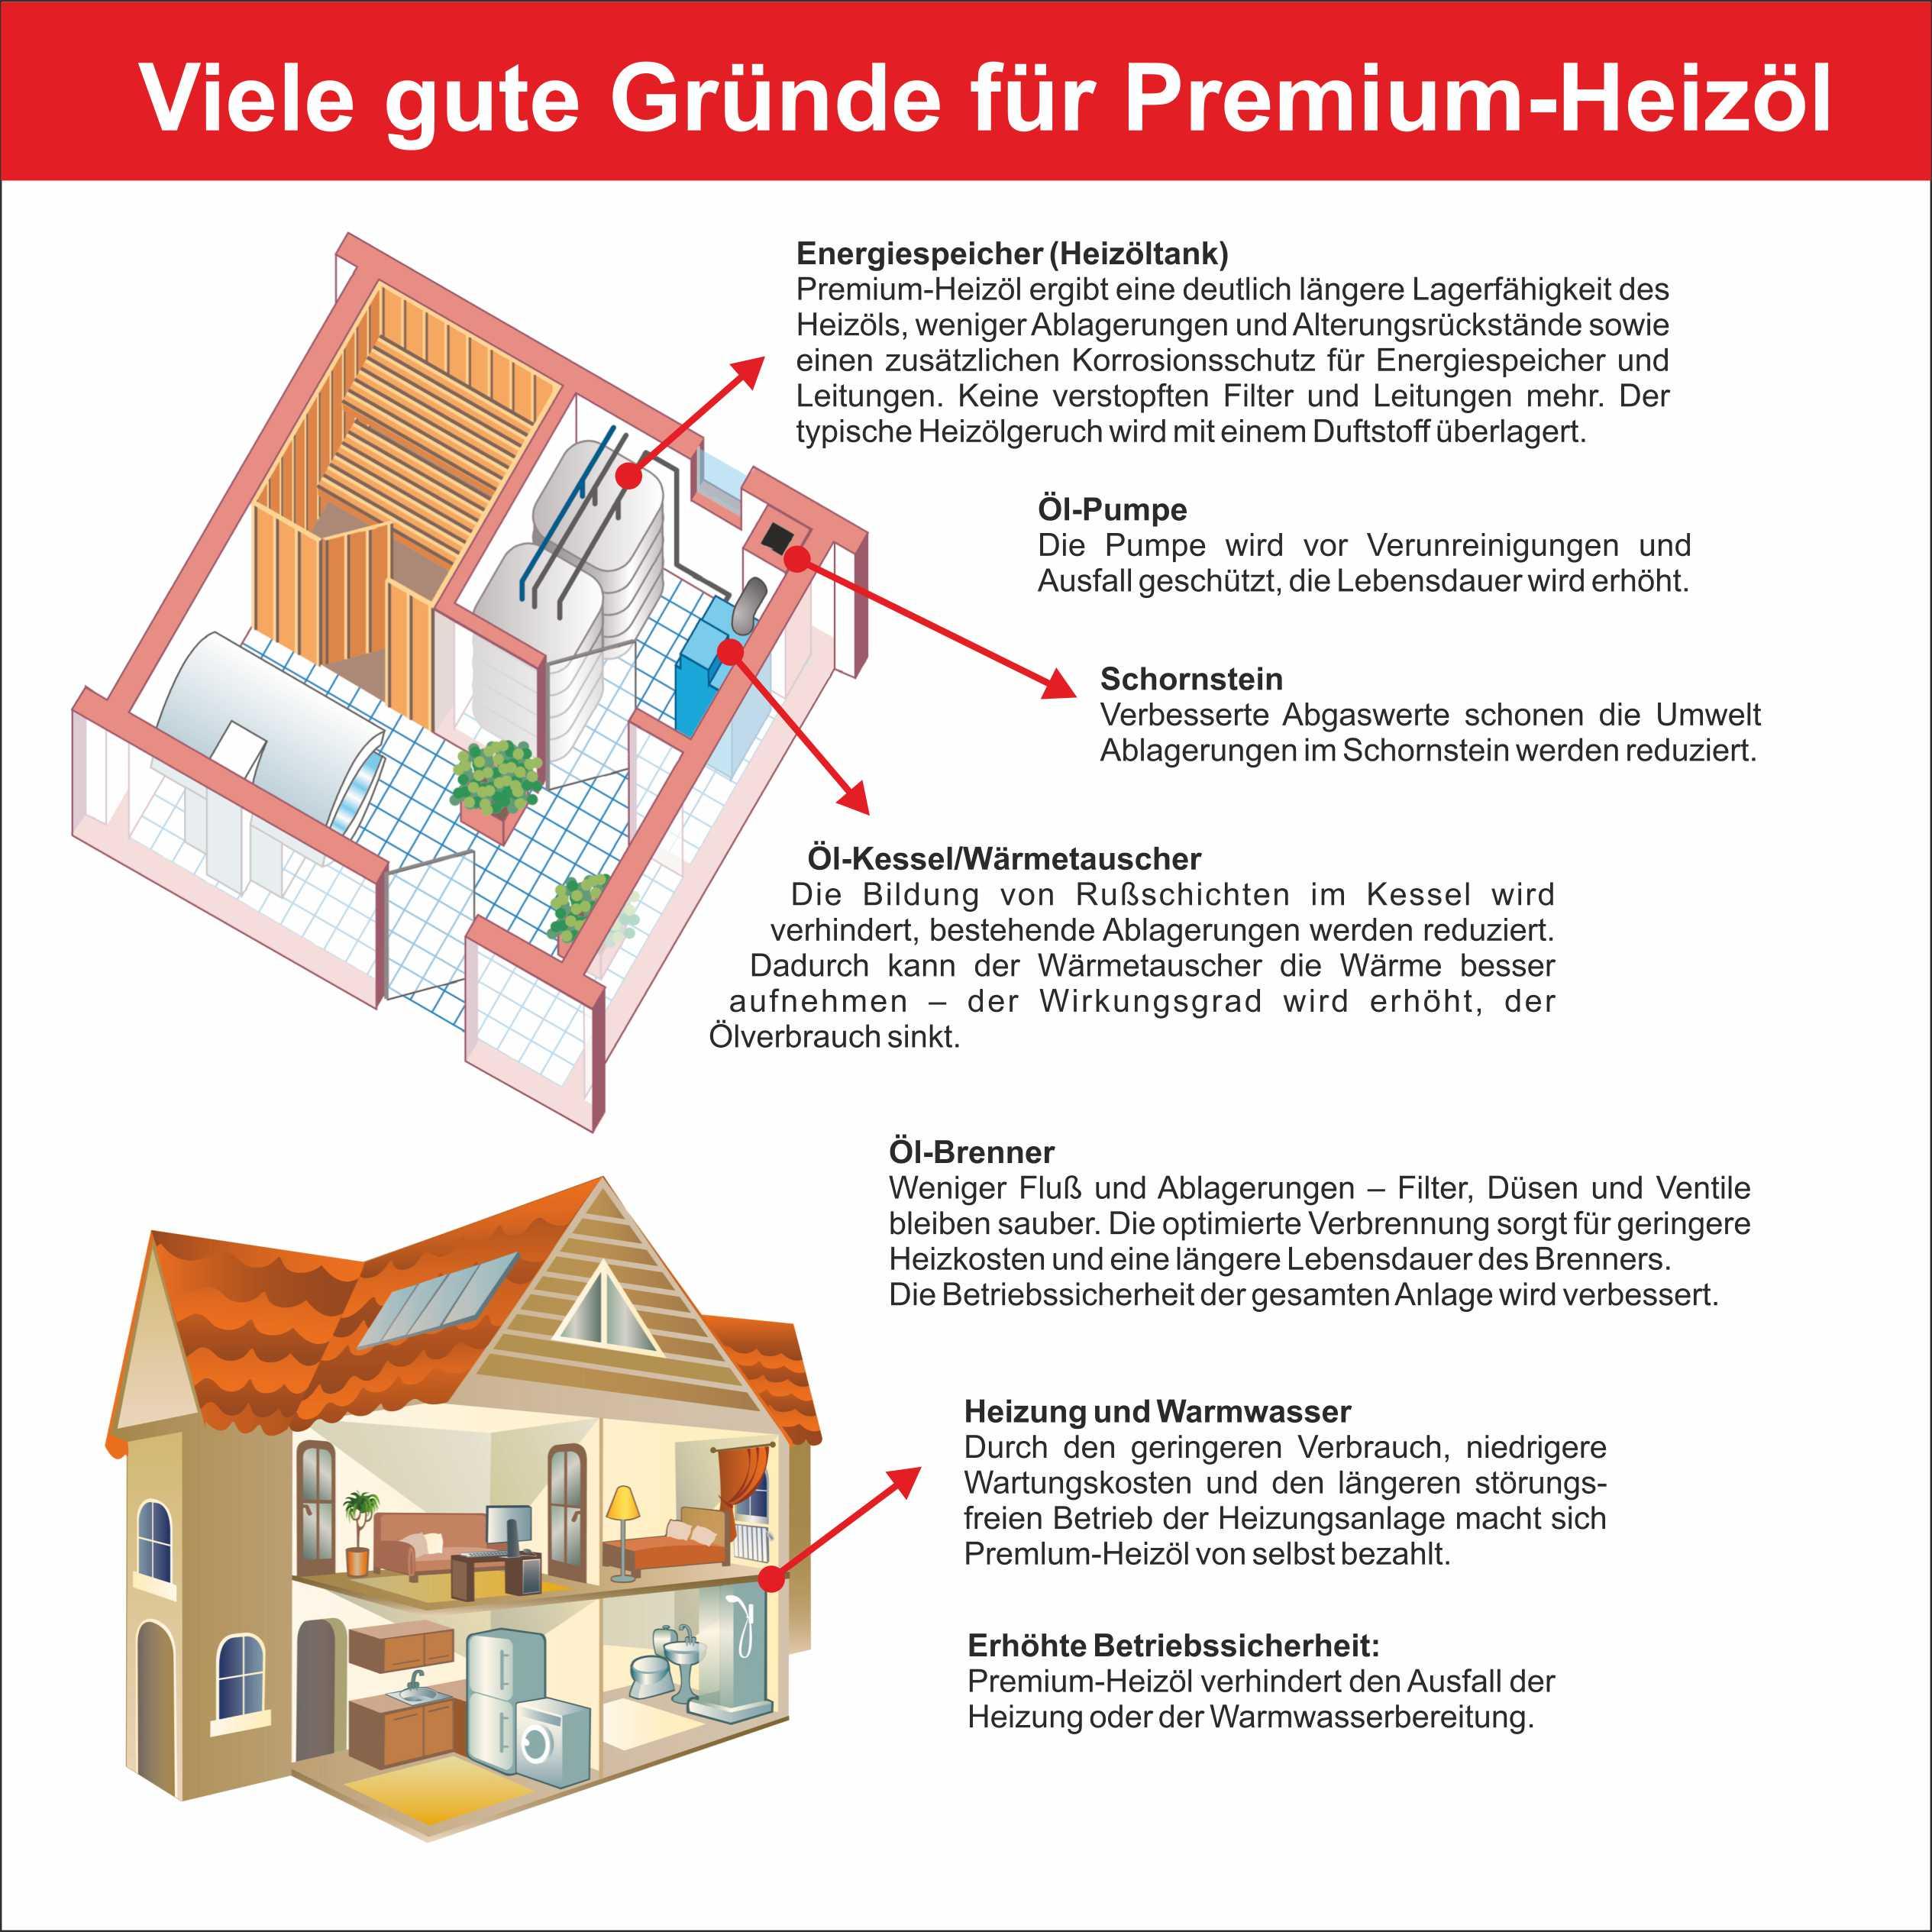 Gute Gründe für Premium Heizöl von Oel Schneider aus St. Ingbert